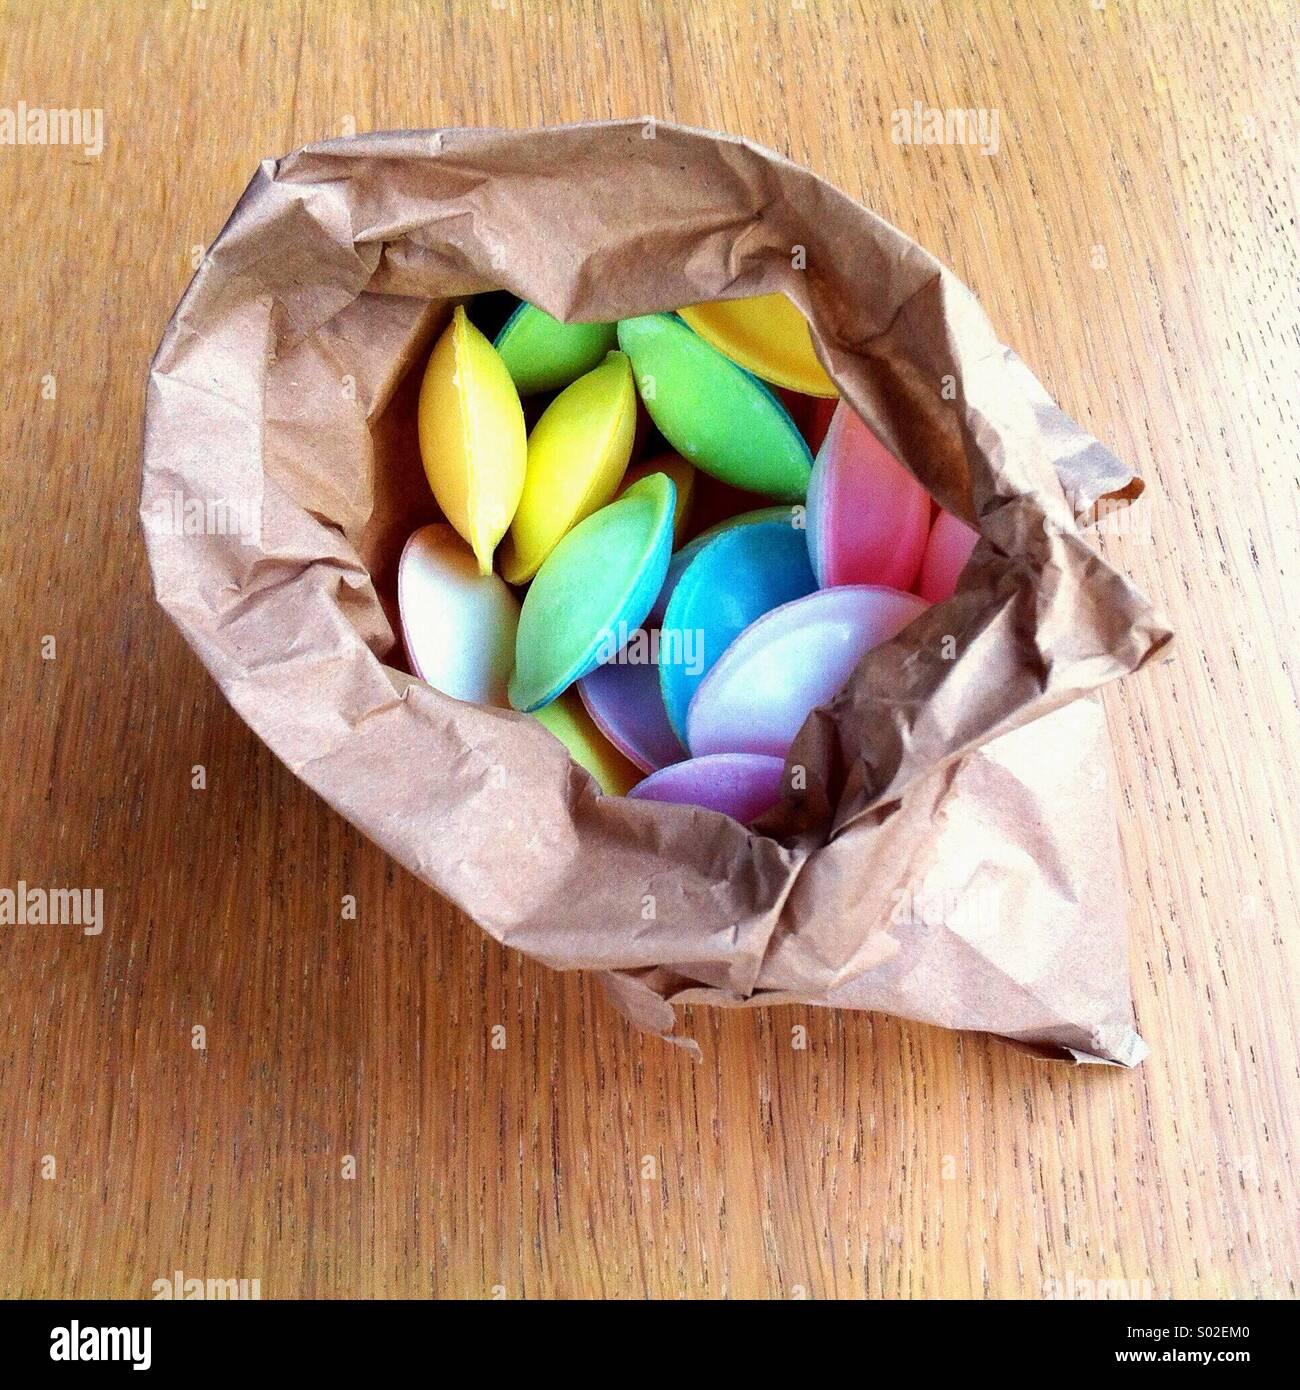 """Eine Papiertüte voller bunter """"fliegende Untertasse"""" Süßigkeiten Stockbild"""